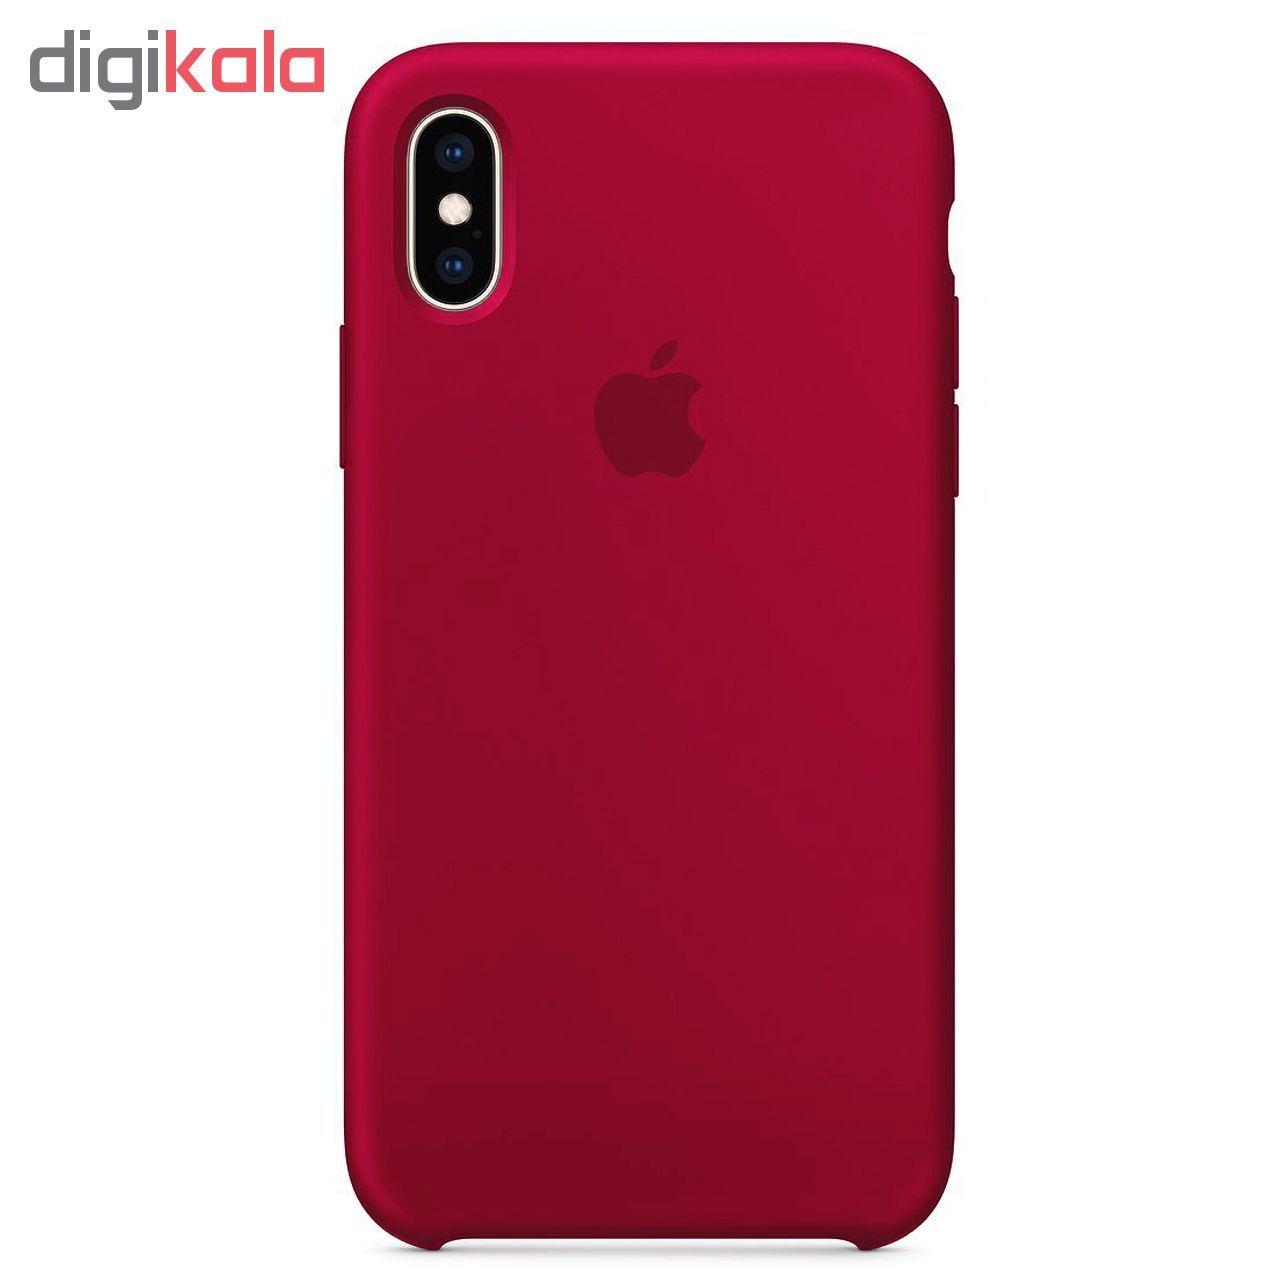 کاور مدل sili004 مناسب برای گوشی موبایل اپل Iphone XS Max main 1 5